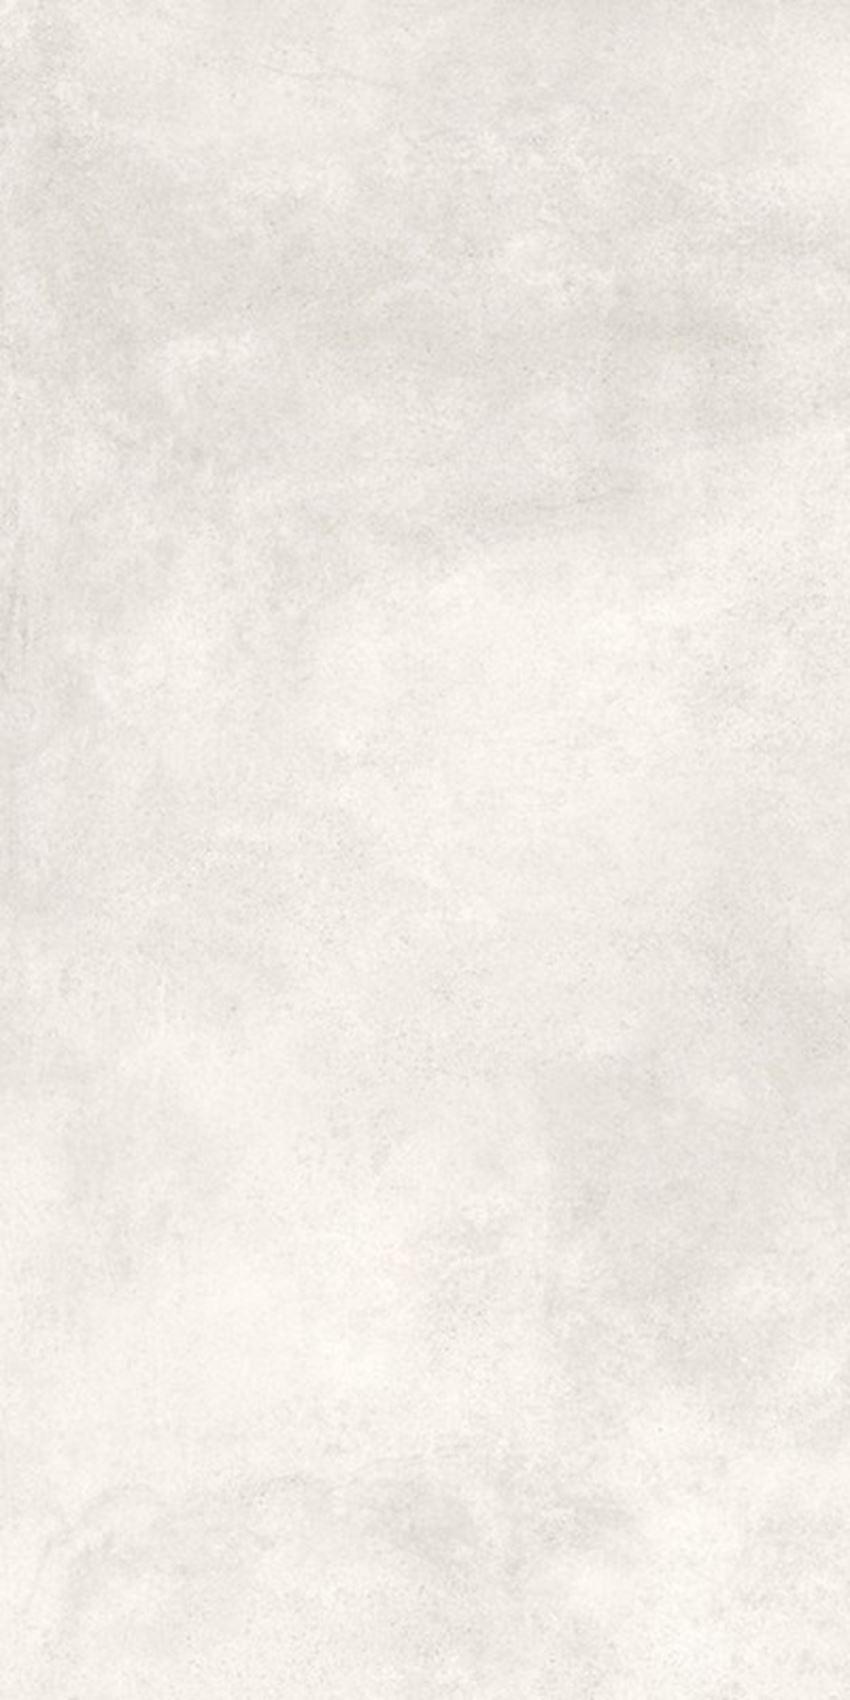 Płytka ścienno-podłogowa lapatto 59,7x119,7 cm Nowa Gala Mirador